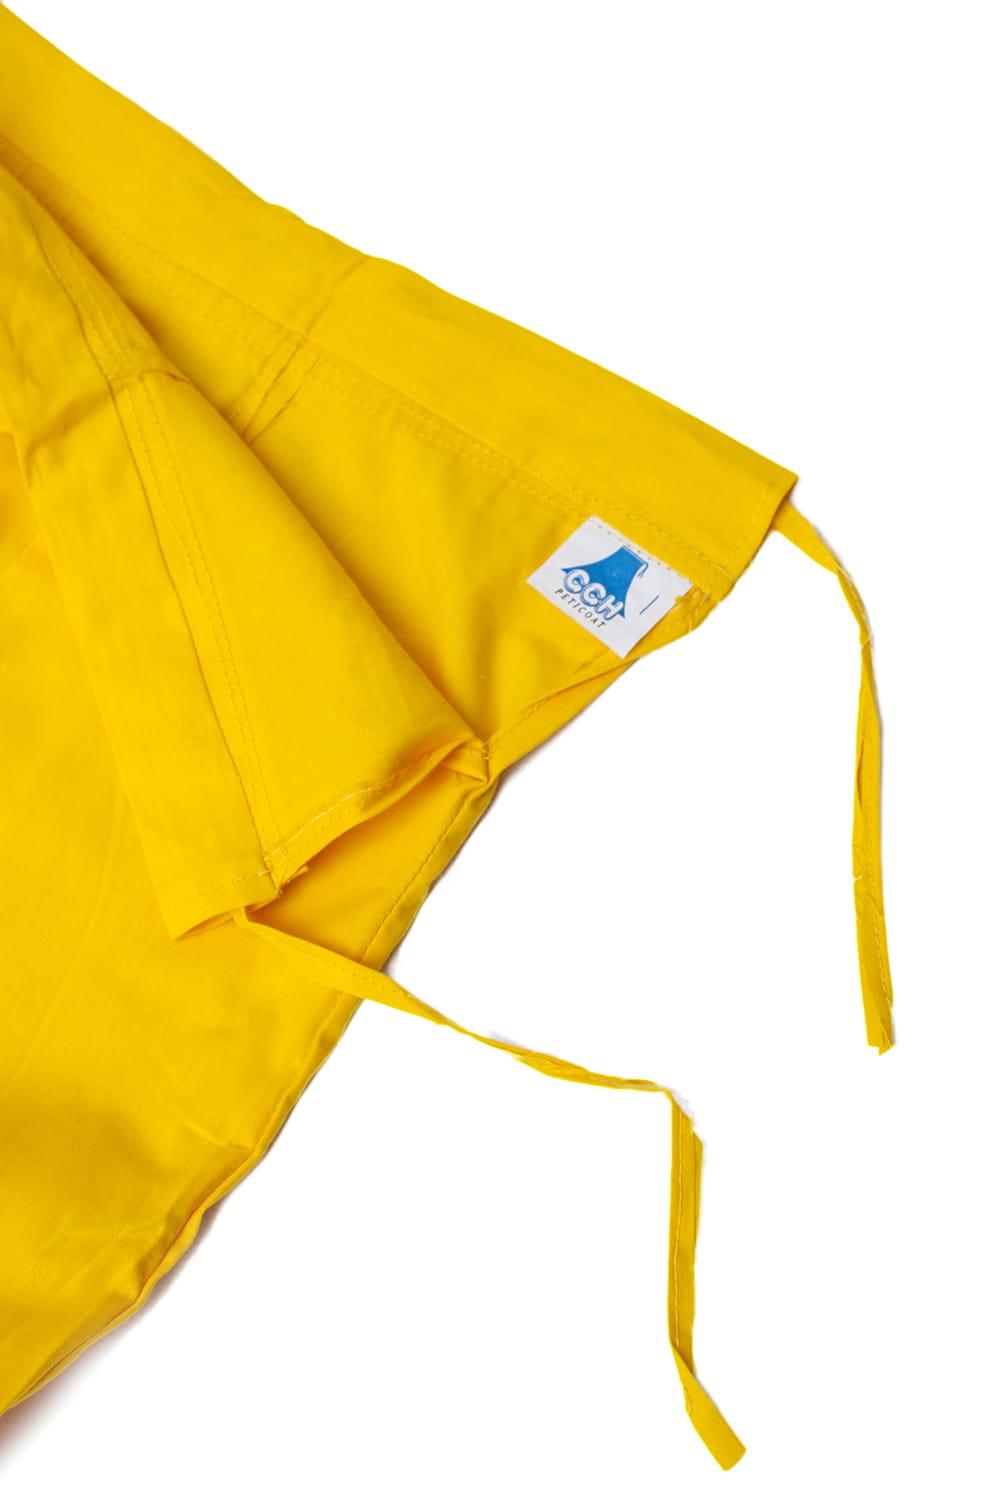 サリーの下に着るペチコート イエロー 4 - ウエストは紐で絞るタイプになります。